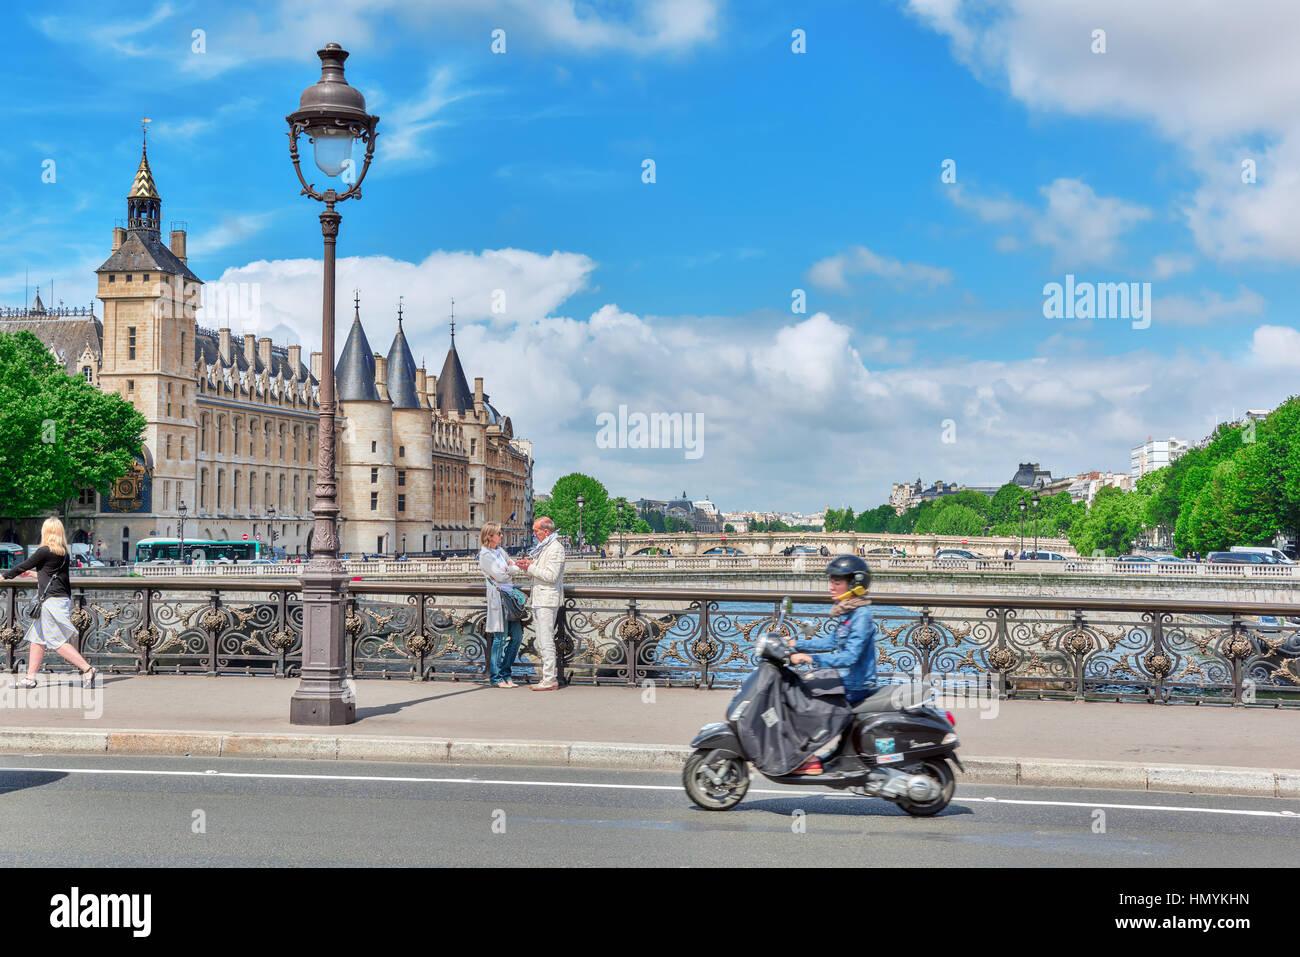 PARIS, FRANCE - JULY 04, 2016 : Castle - Prison Concierges and Exchange Bridge on the Seine in Paris. France. - Stock Image